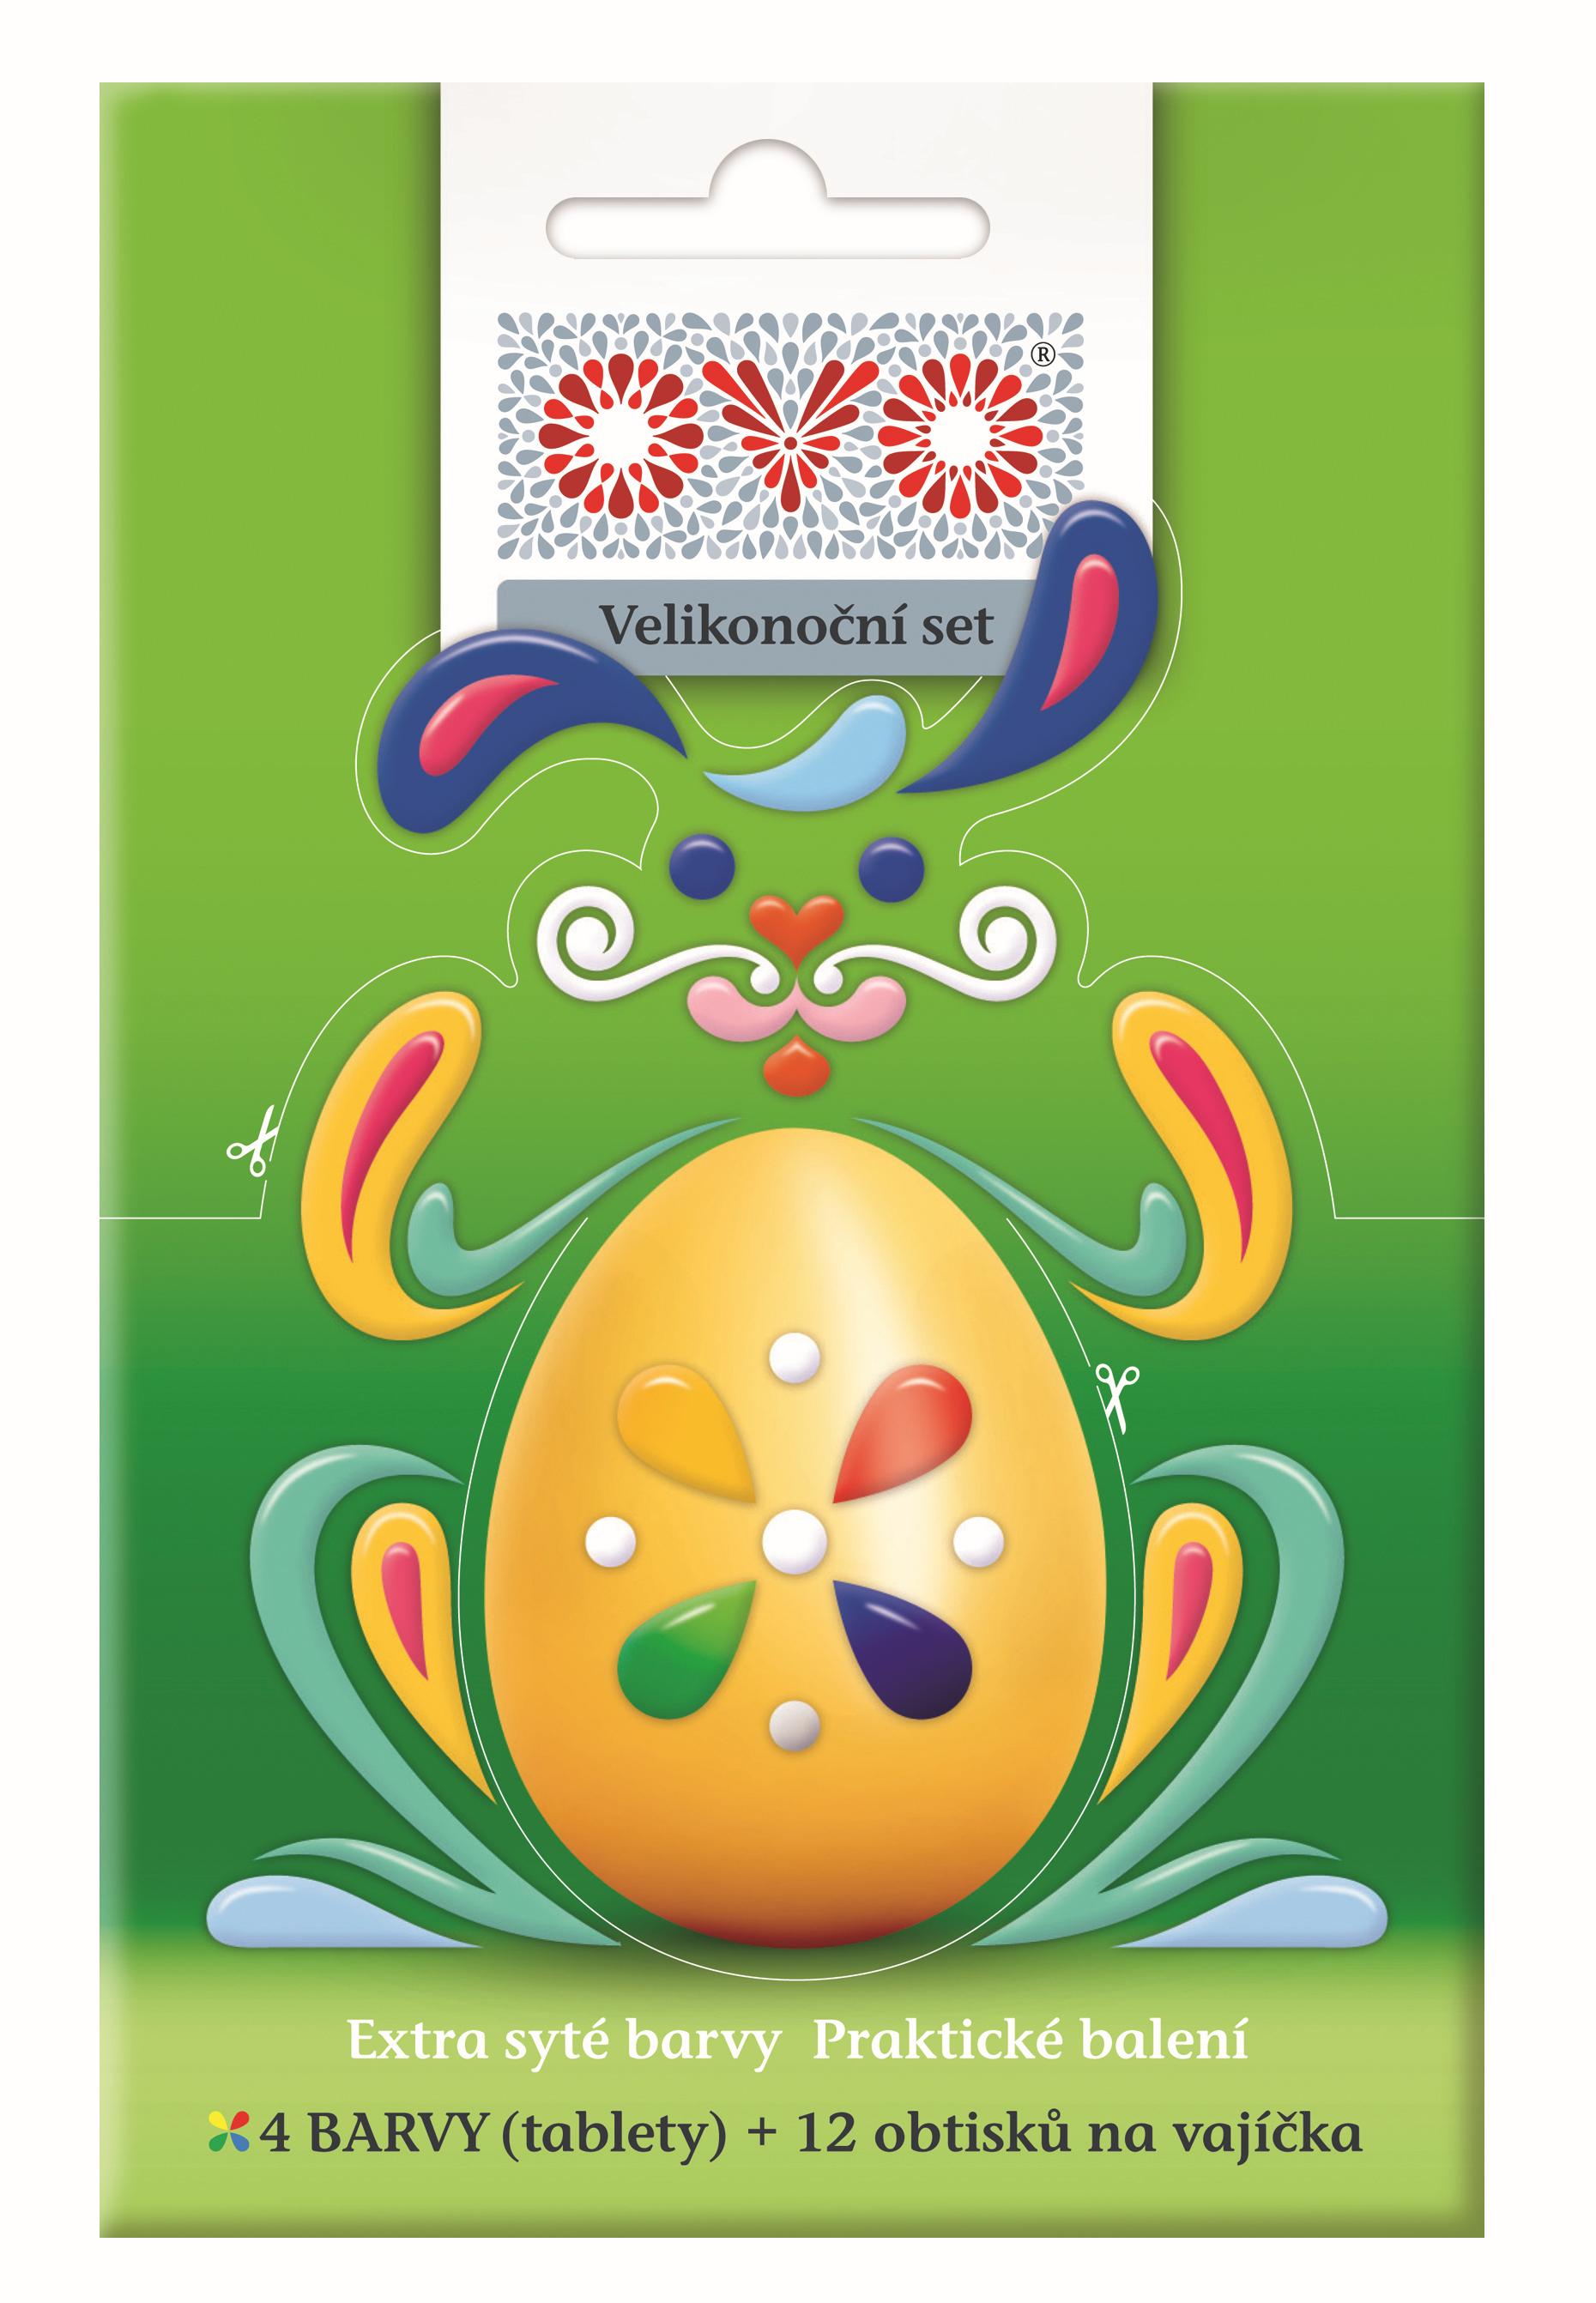 OVO tablety set (4 barvy + 12 obtisků)